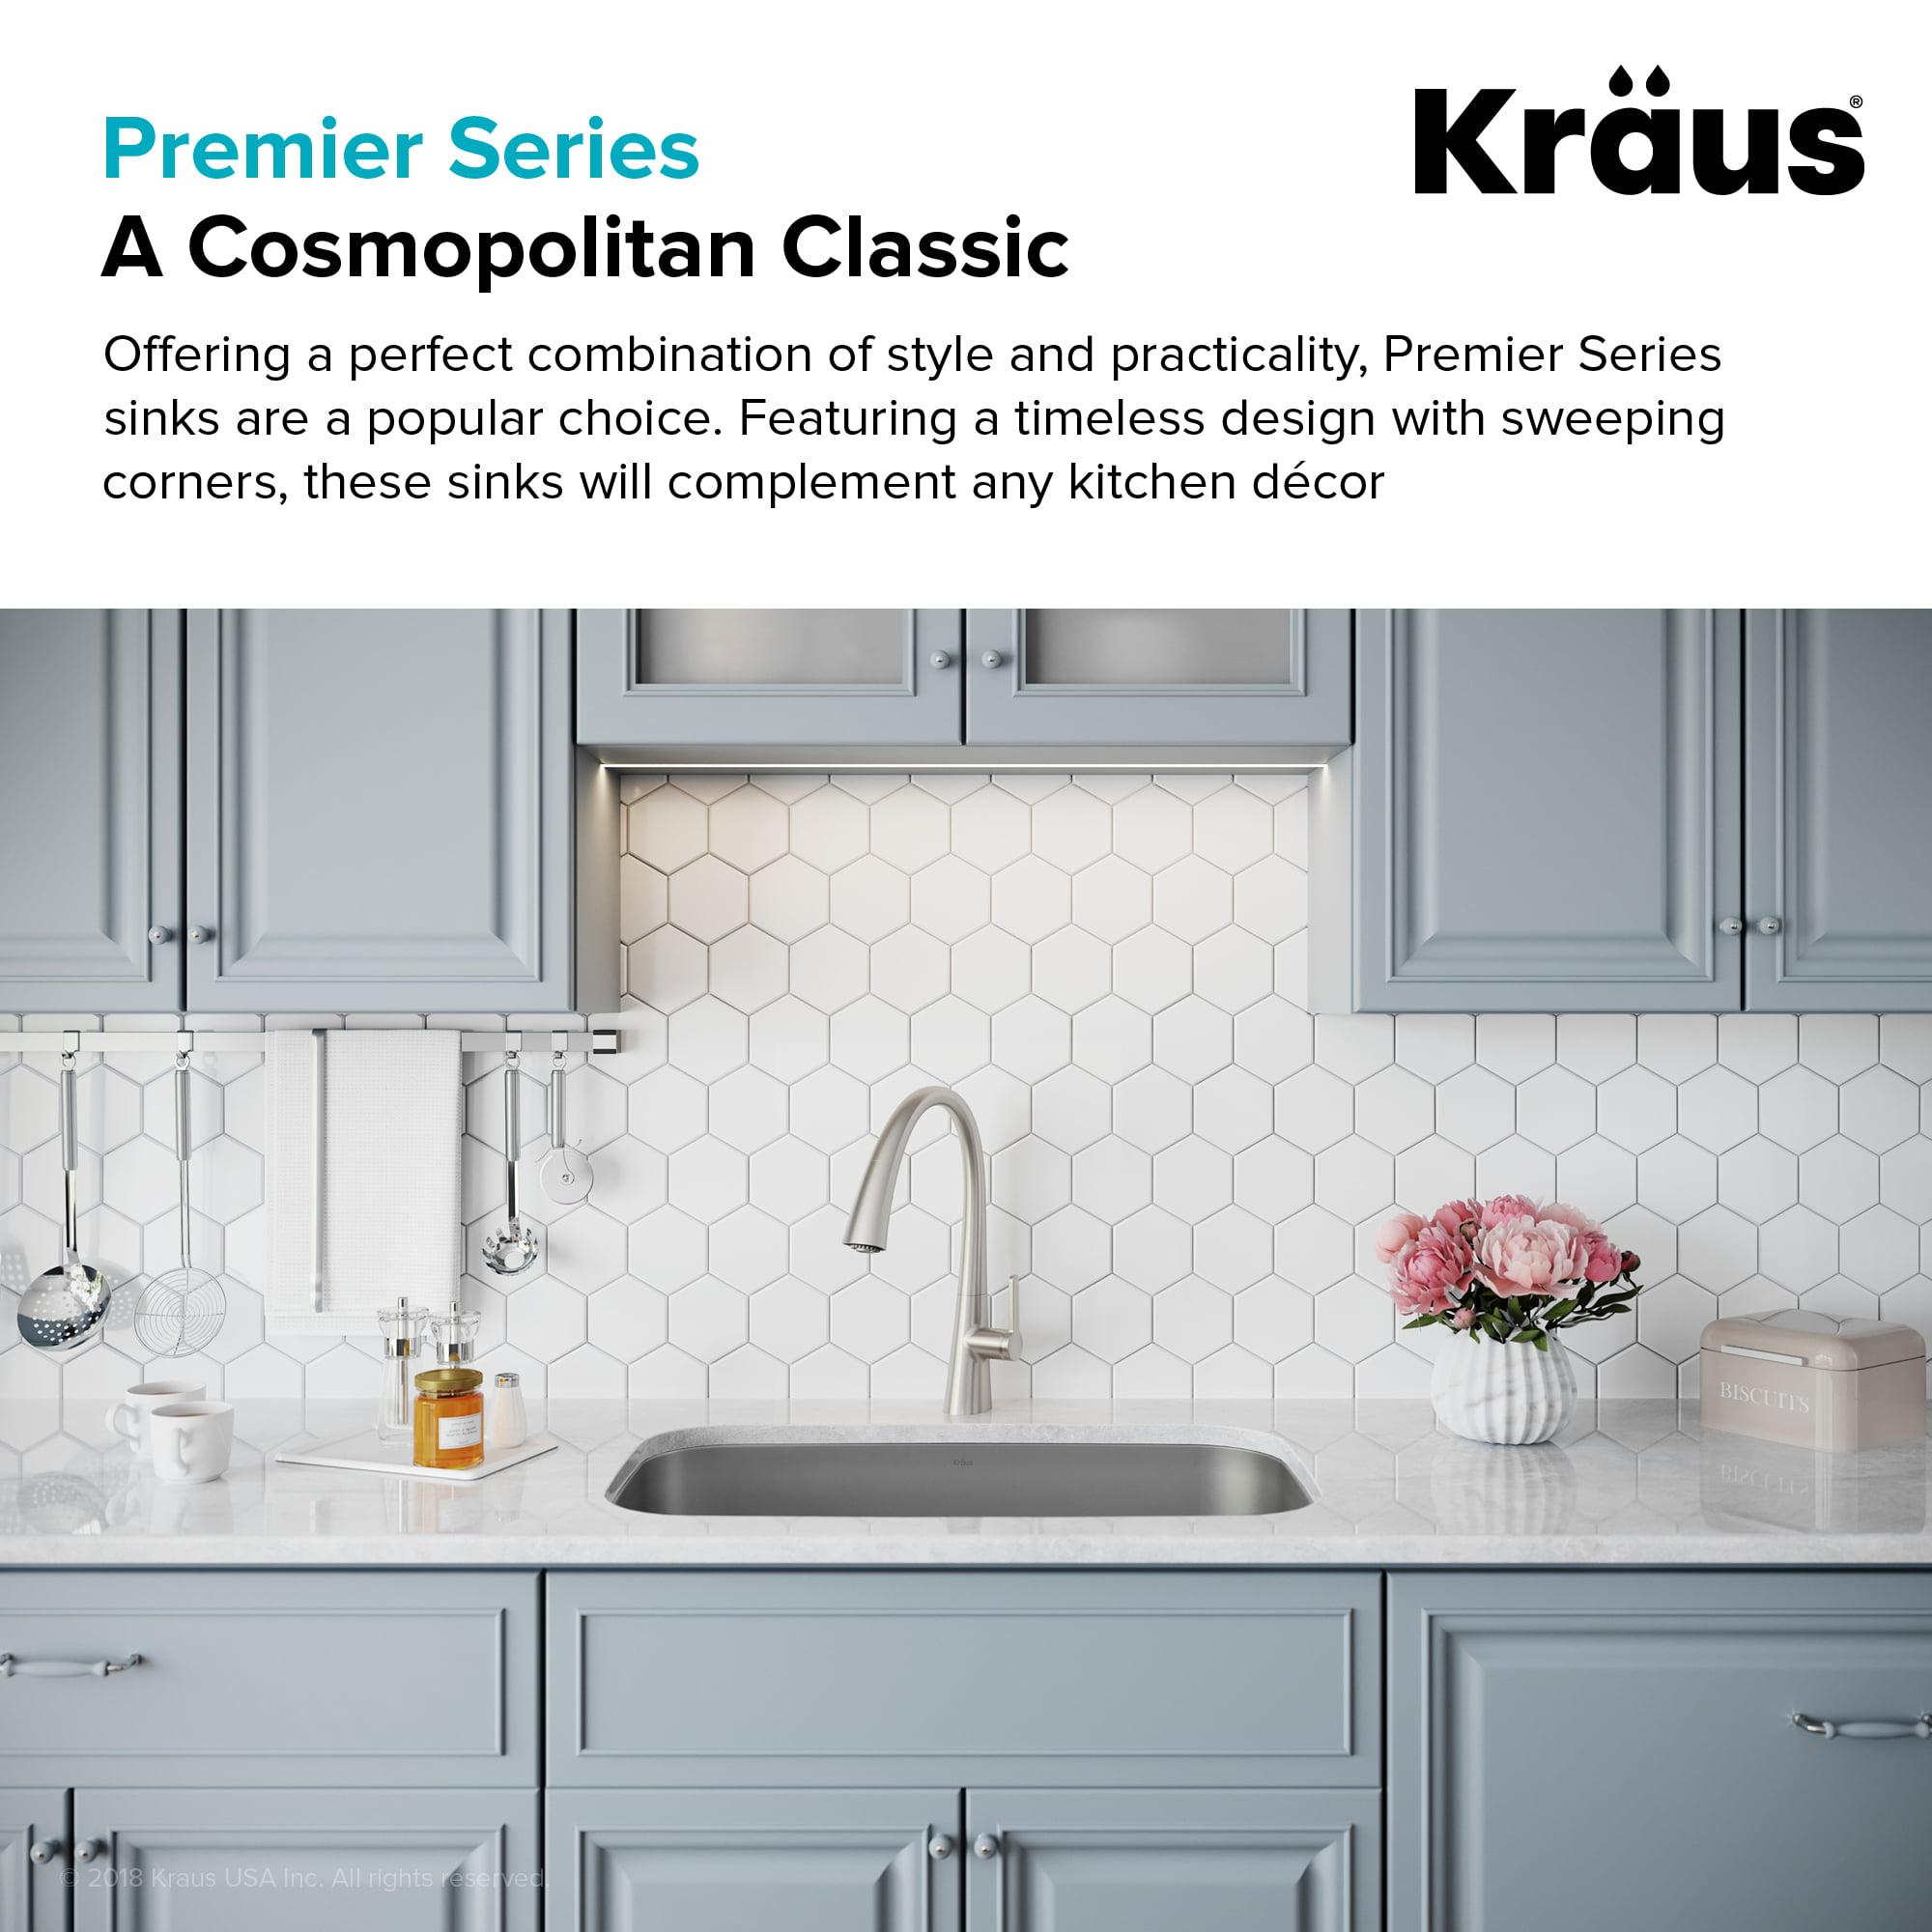 Kraus Premier 31 Inch 16 Gauge Undermount Single Bowl Stainless Steel Kitchen Sink Walmart Com Walmart Com